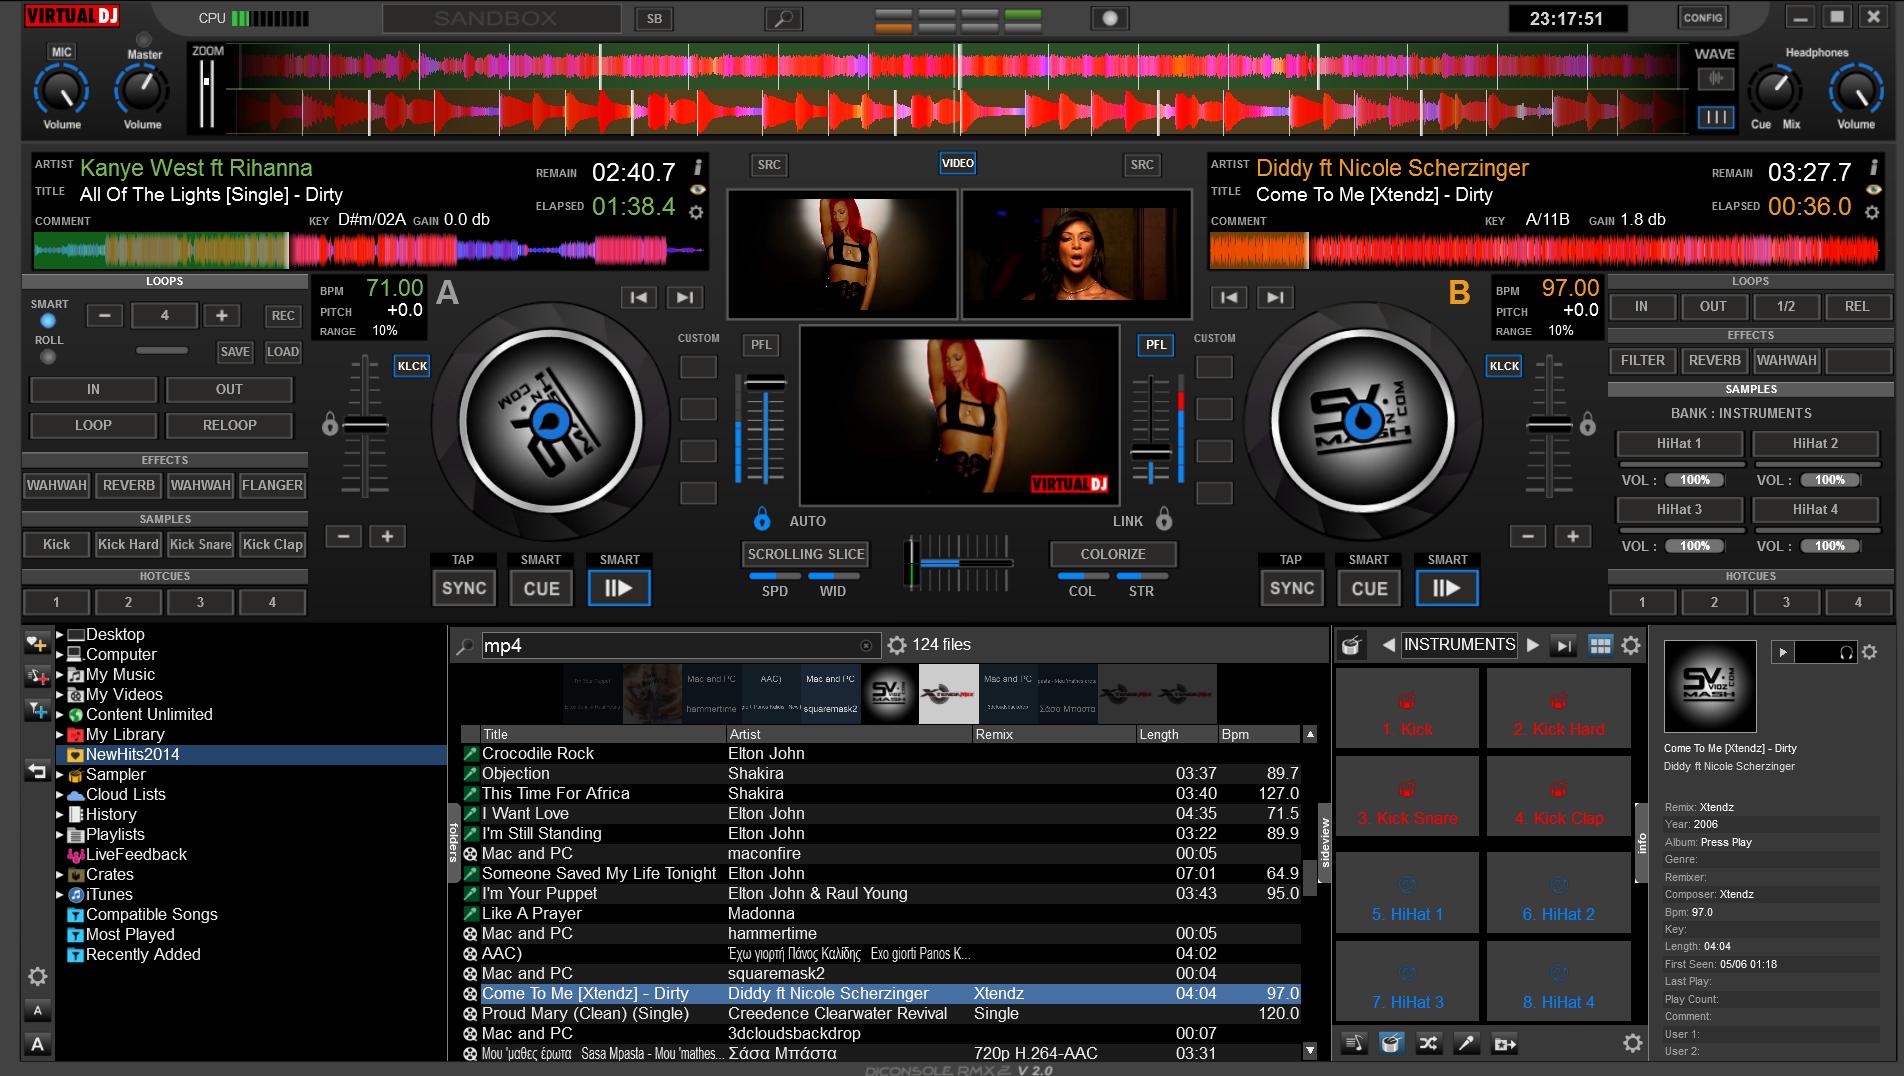 virtual dj hercules rmx skin free download